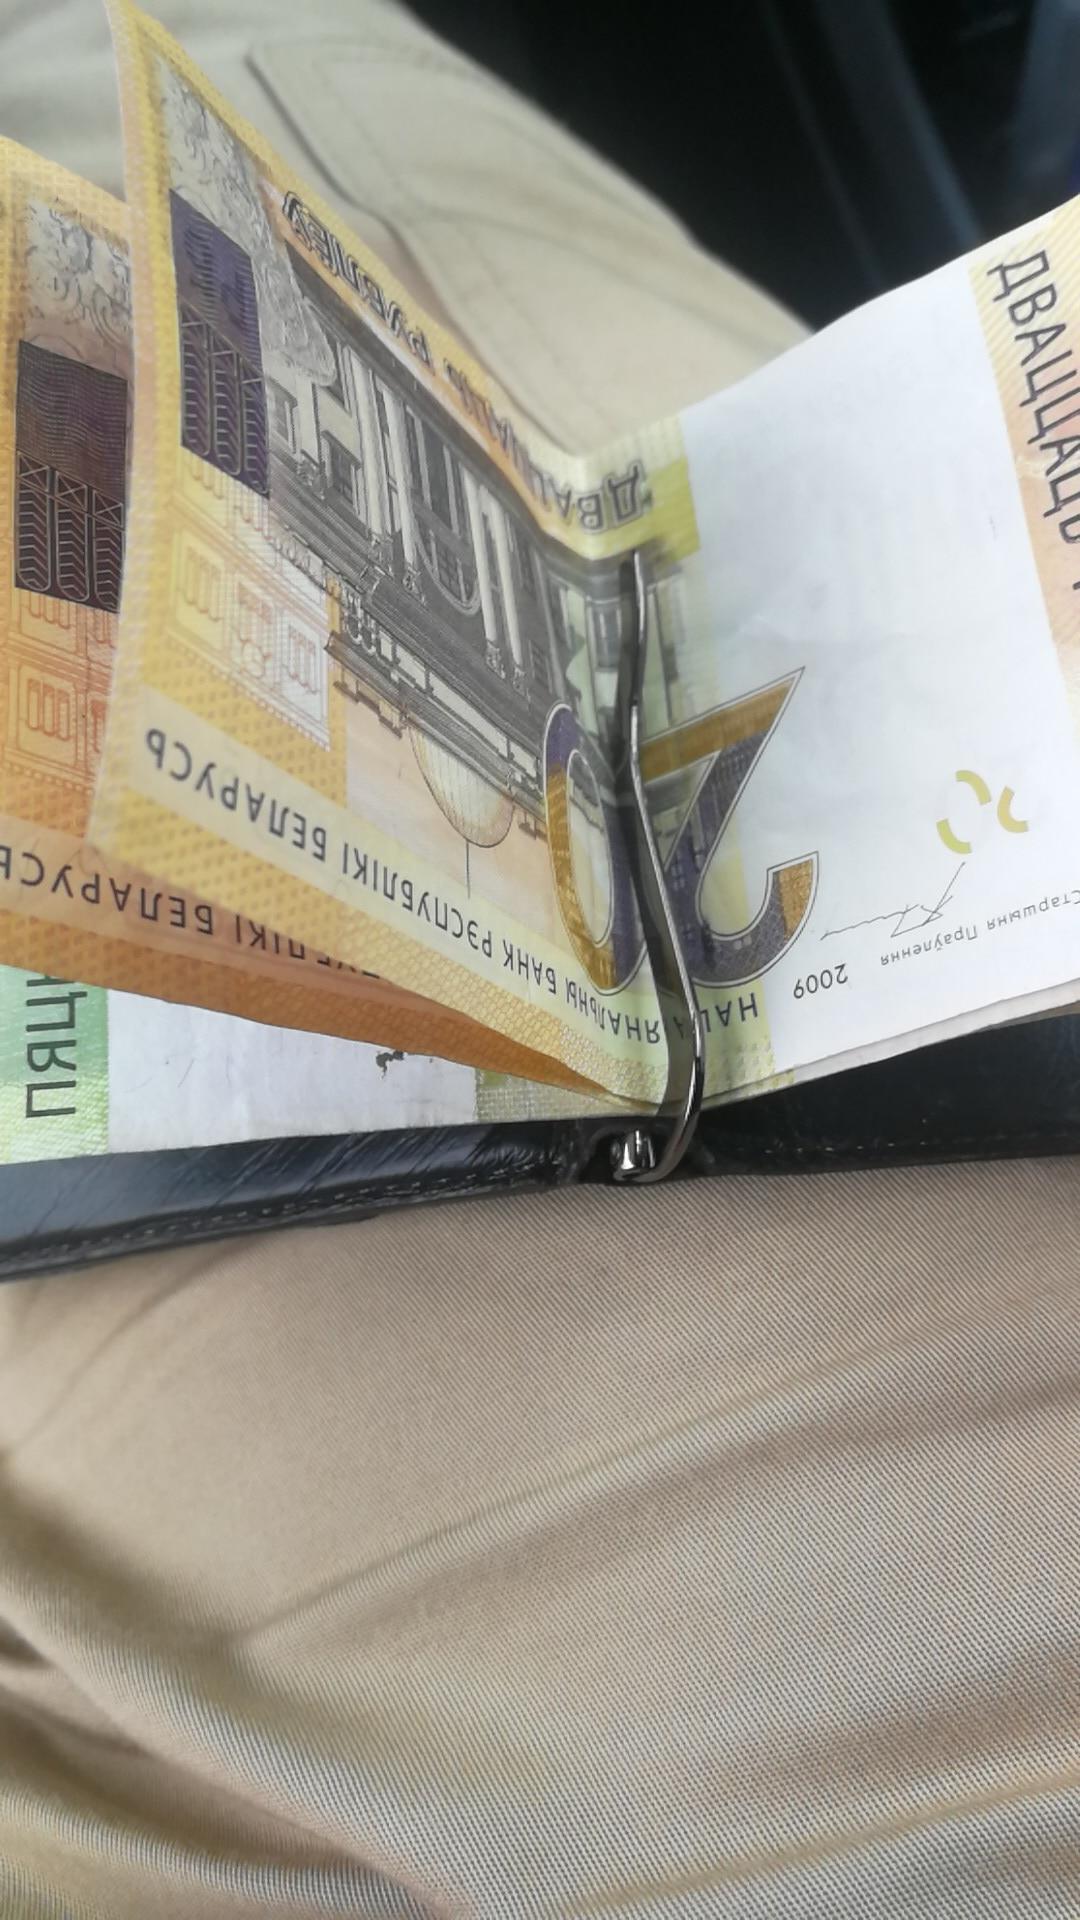 RROVE Money Clip Cartera de Barra de Clip de Dinero Plegable de Metal reemplazar Piezas Soporte de Efectivo de Abrazadera de Resorte Negro